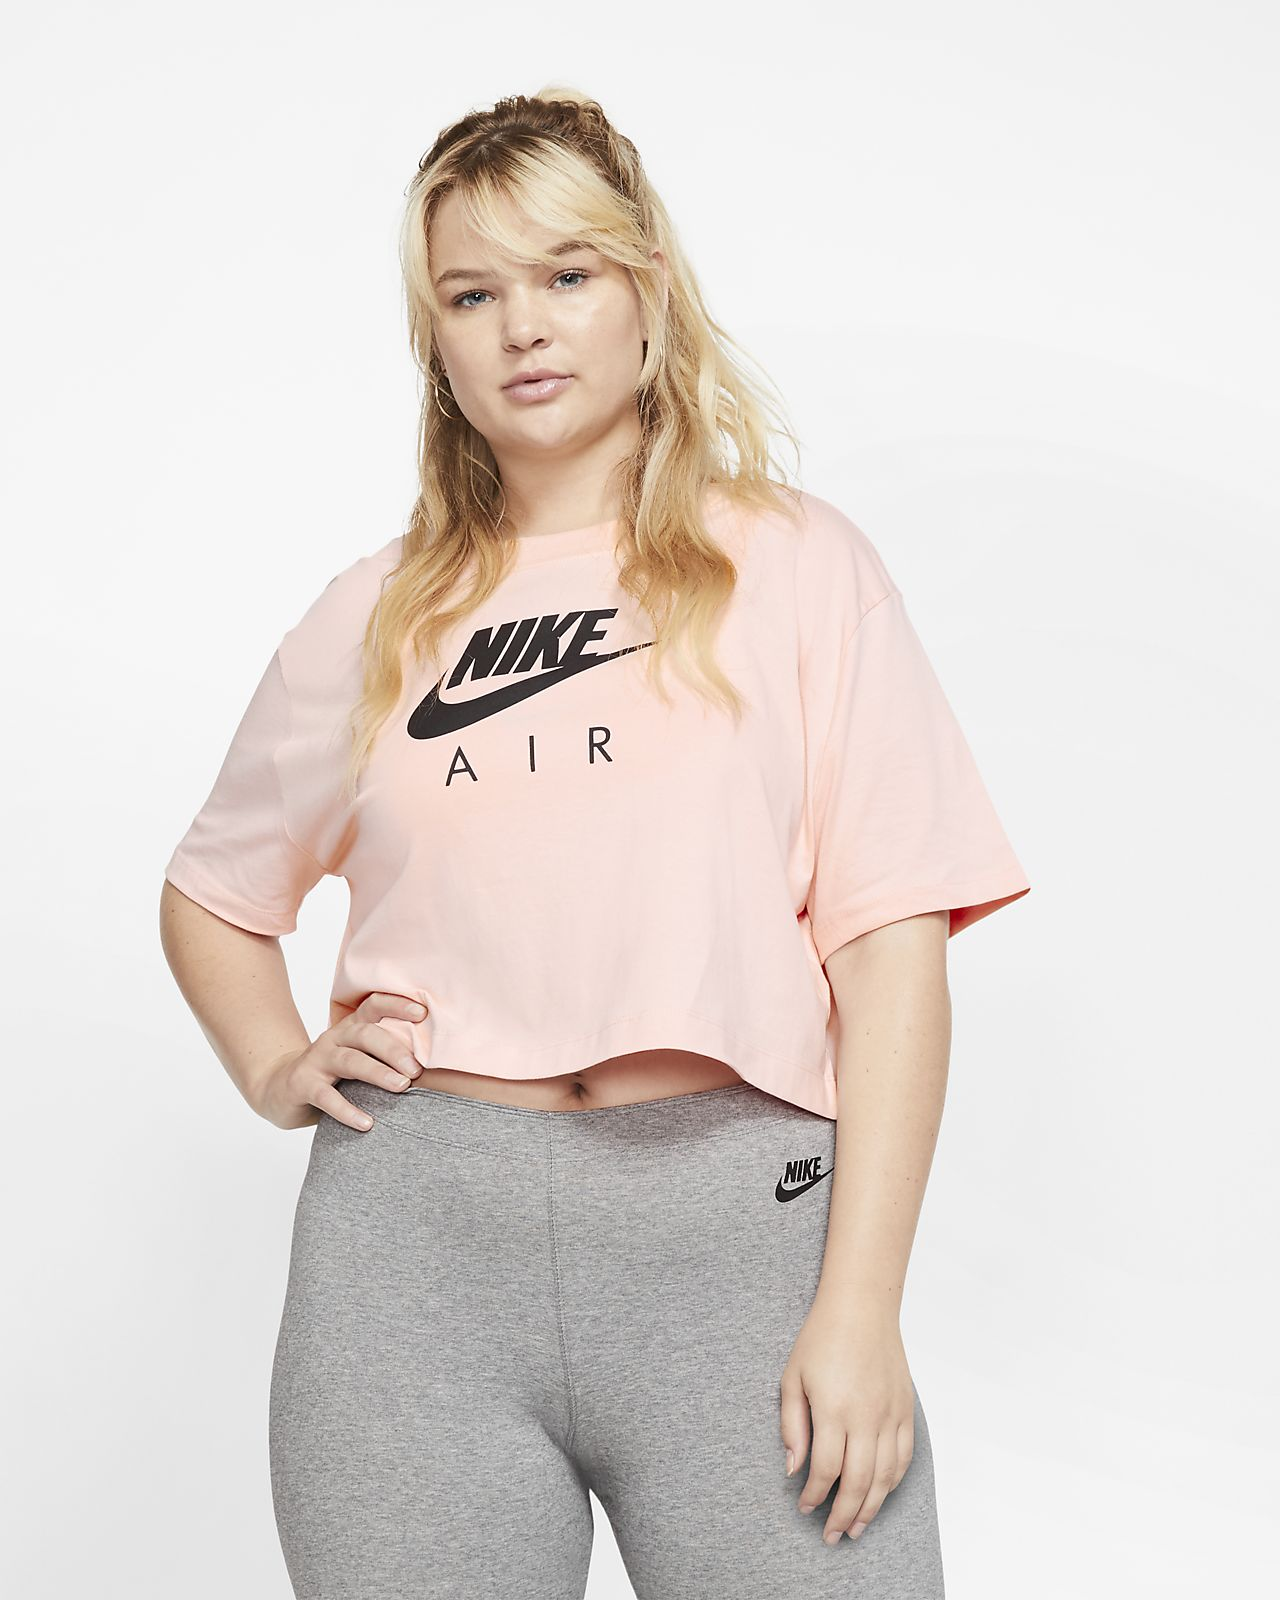 Dámské tričko Nike Air s krátkým rukávem (větší velikost)